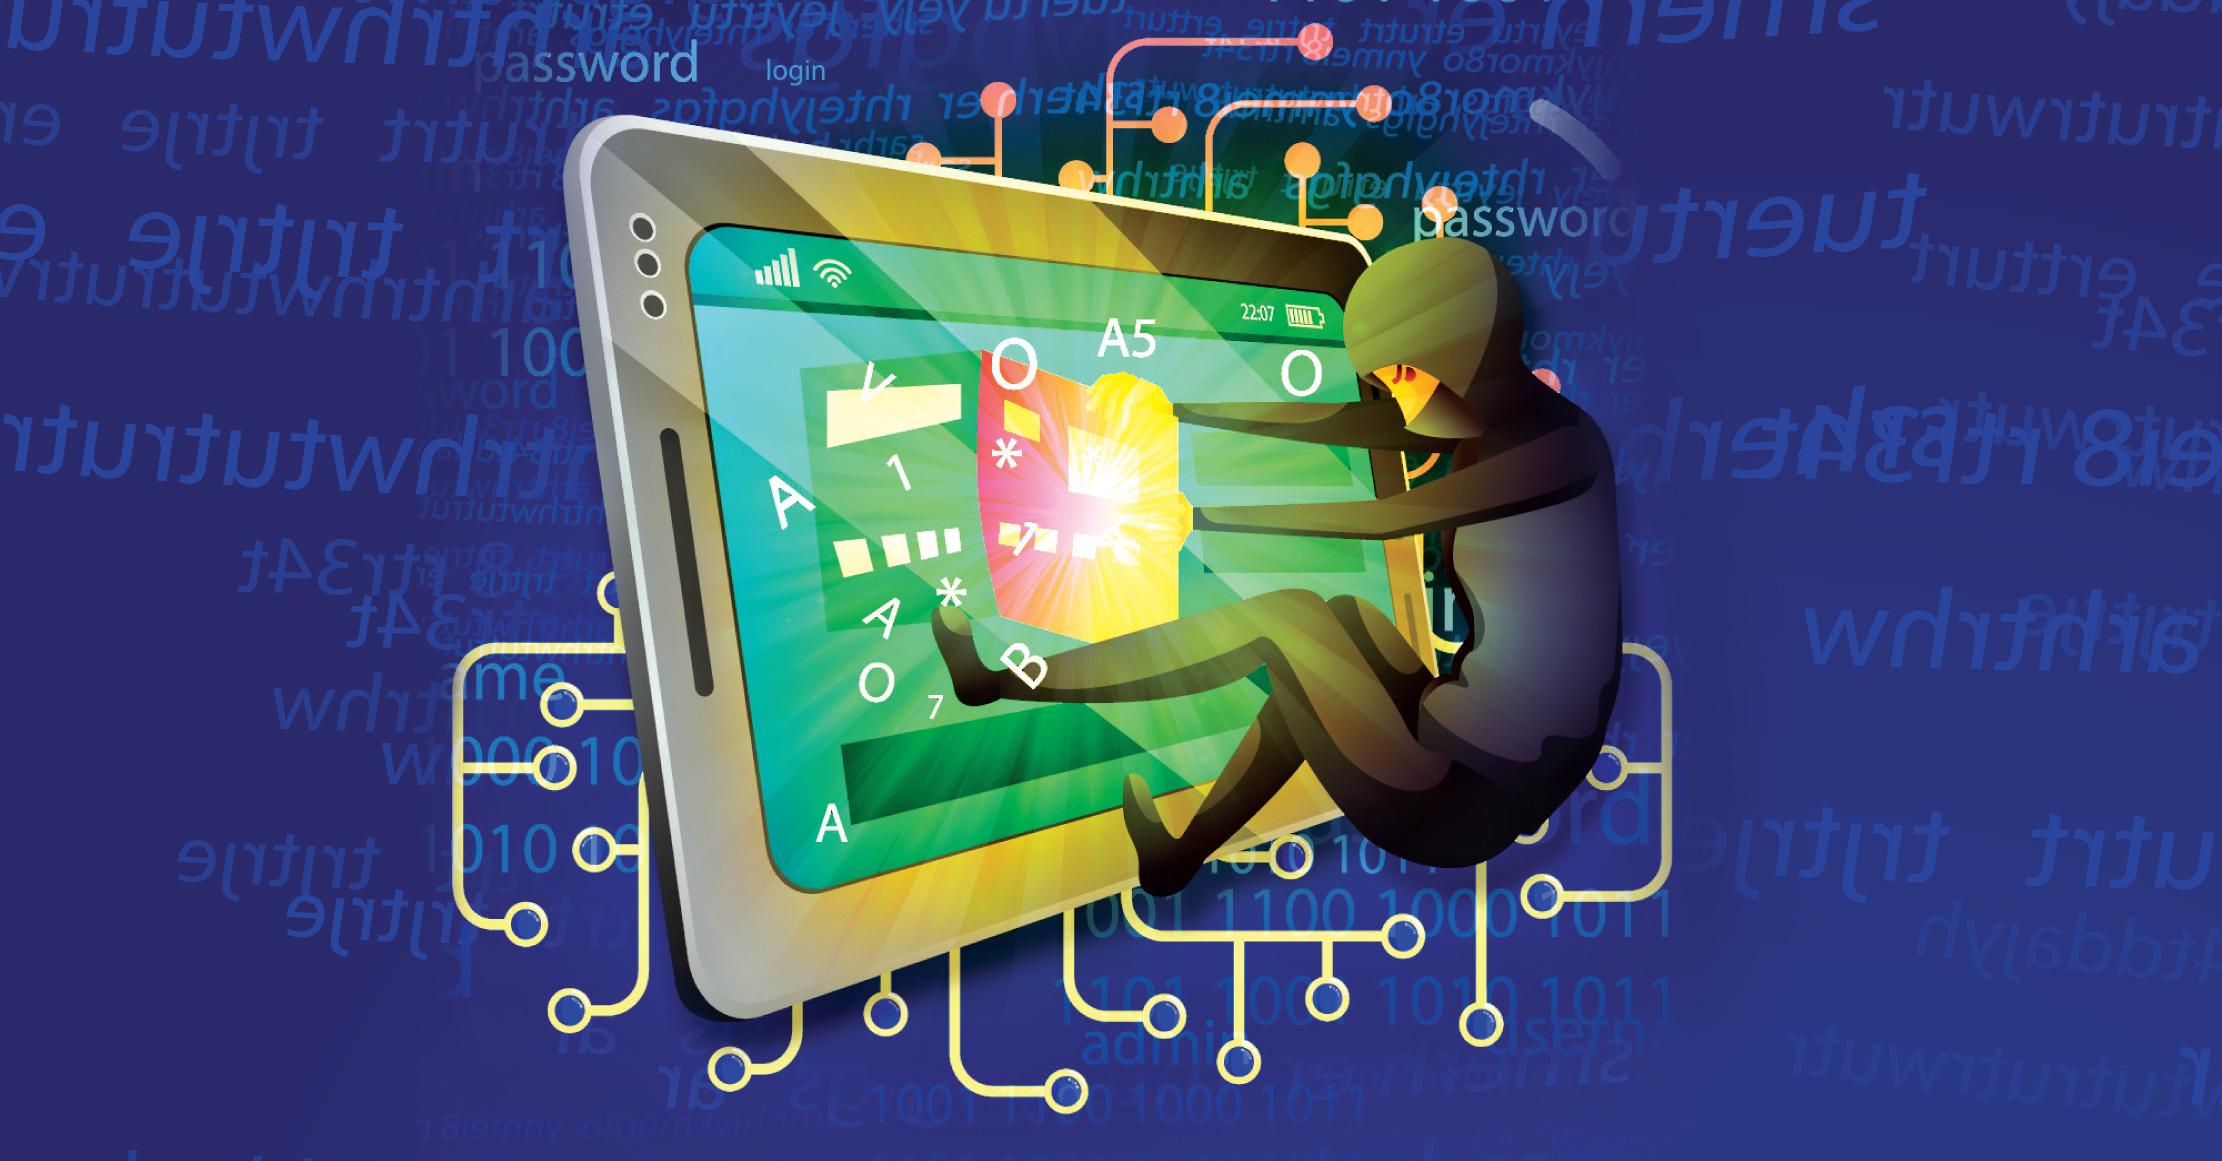 Las compras en línea o los trámites de banca por apps aumentaron, pero esto también impulsó el delito de robo de identidad